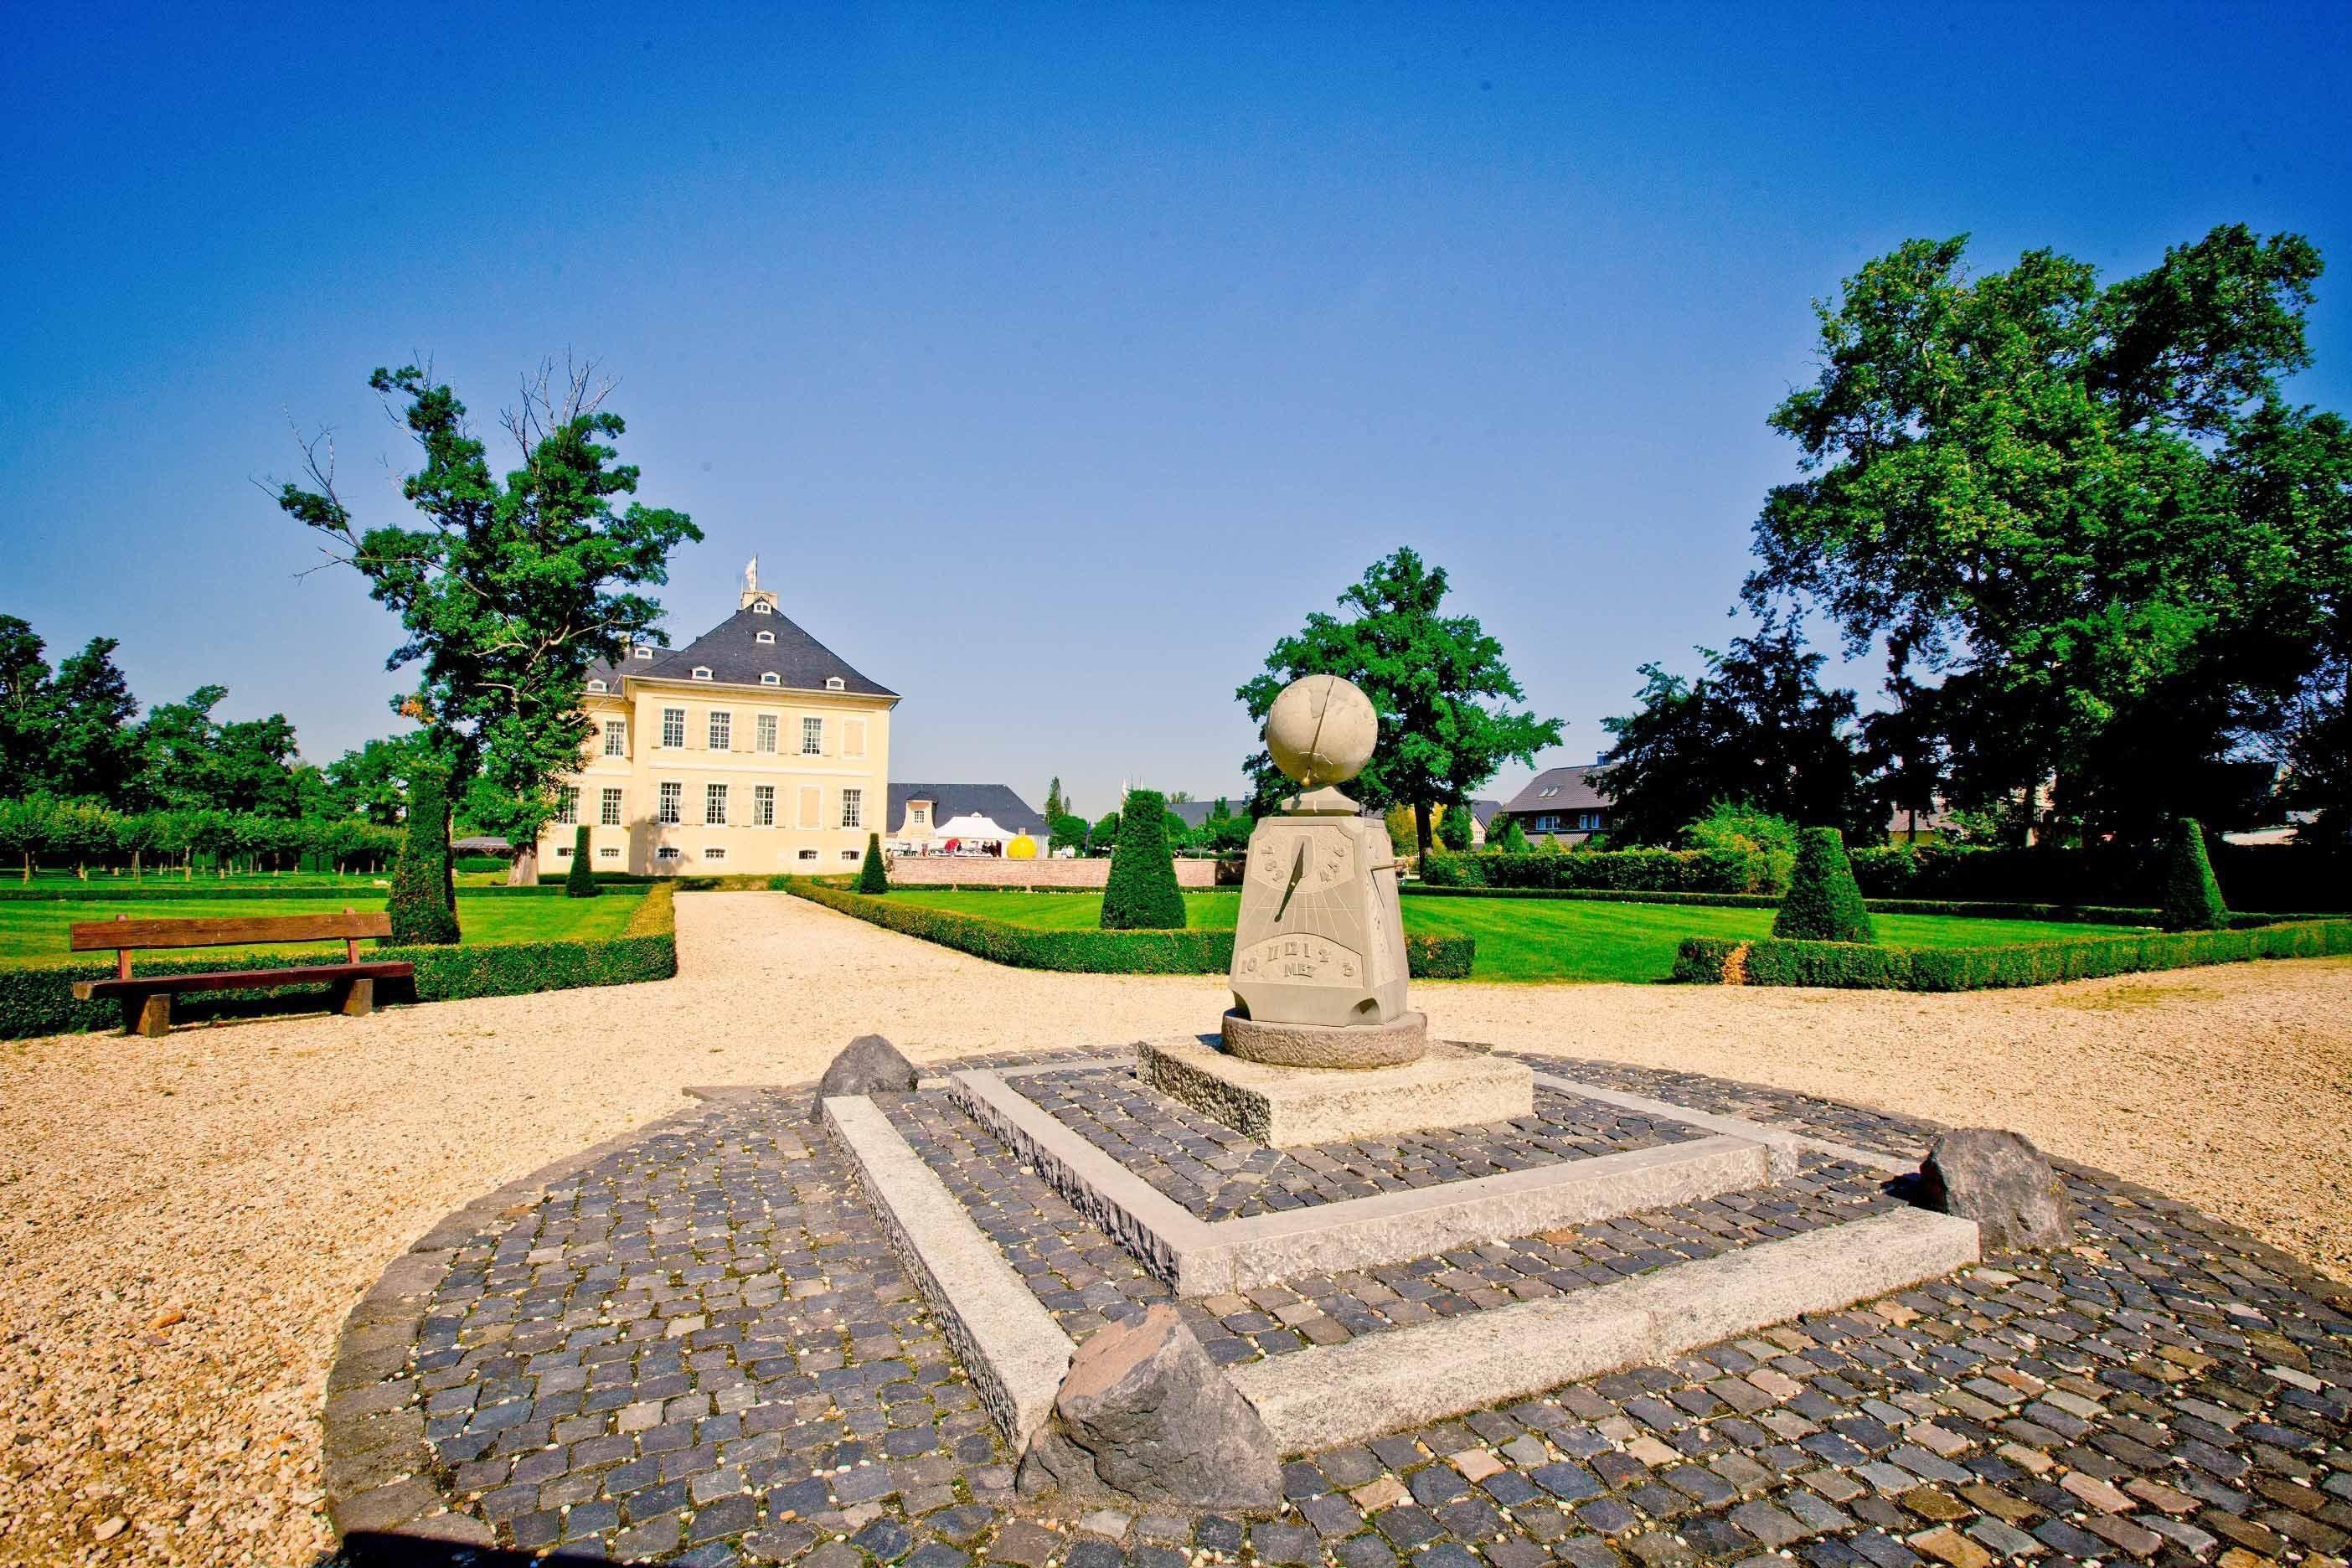 Schloss Miel Golf Club Schloss Miel Swisttal Miel 3 Deutschland Burgen Eventlocation Bonn